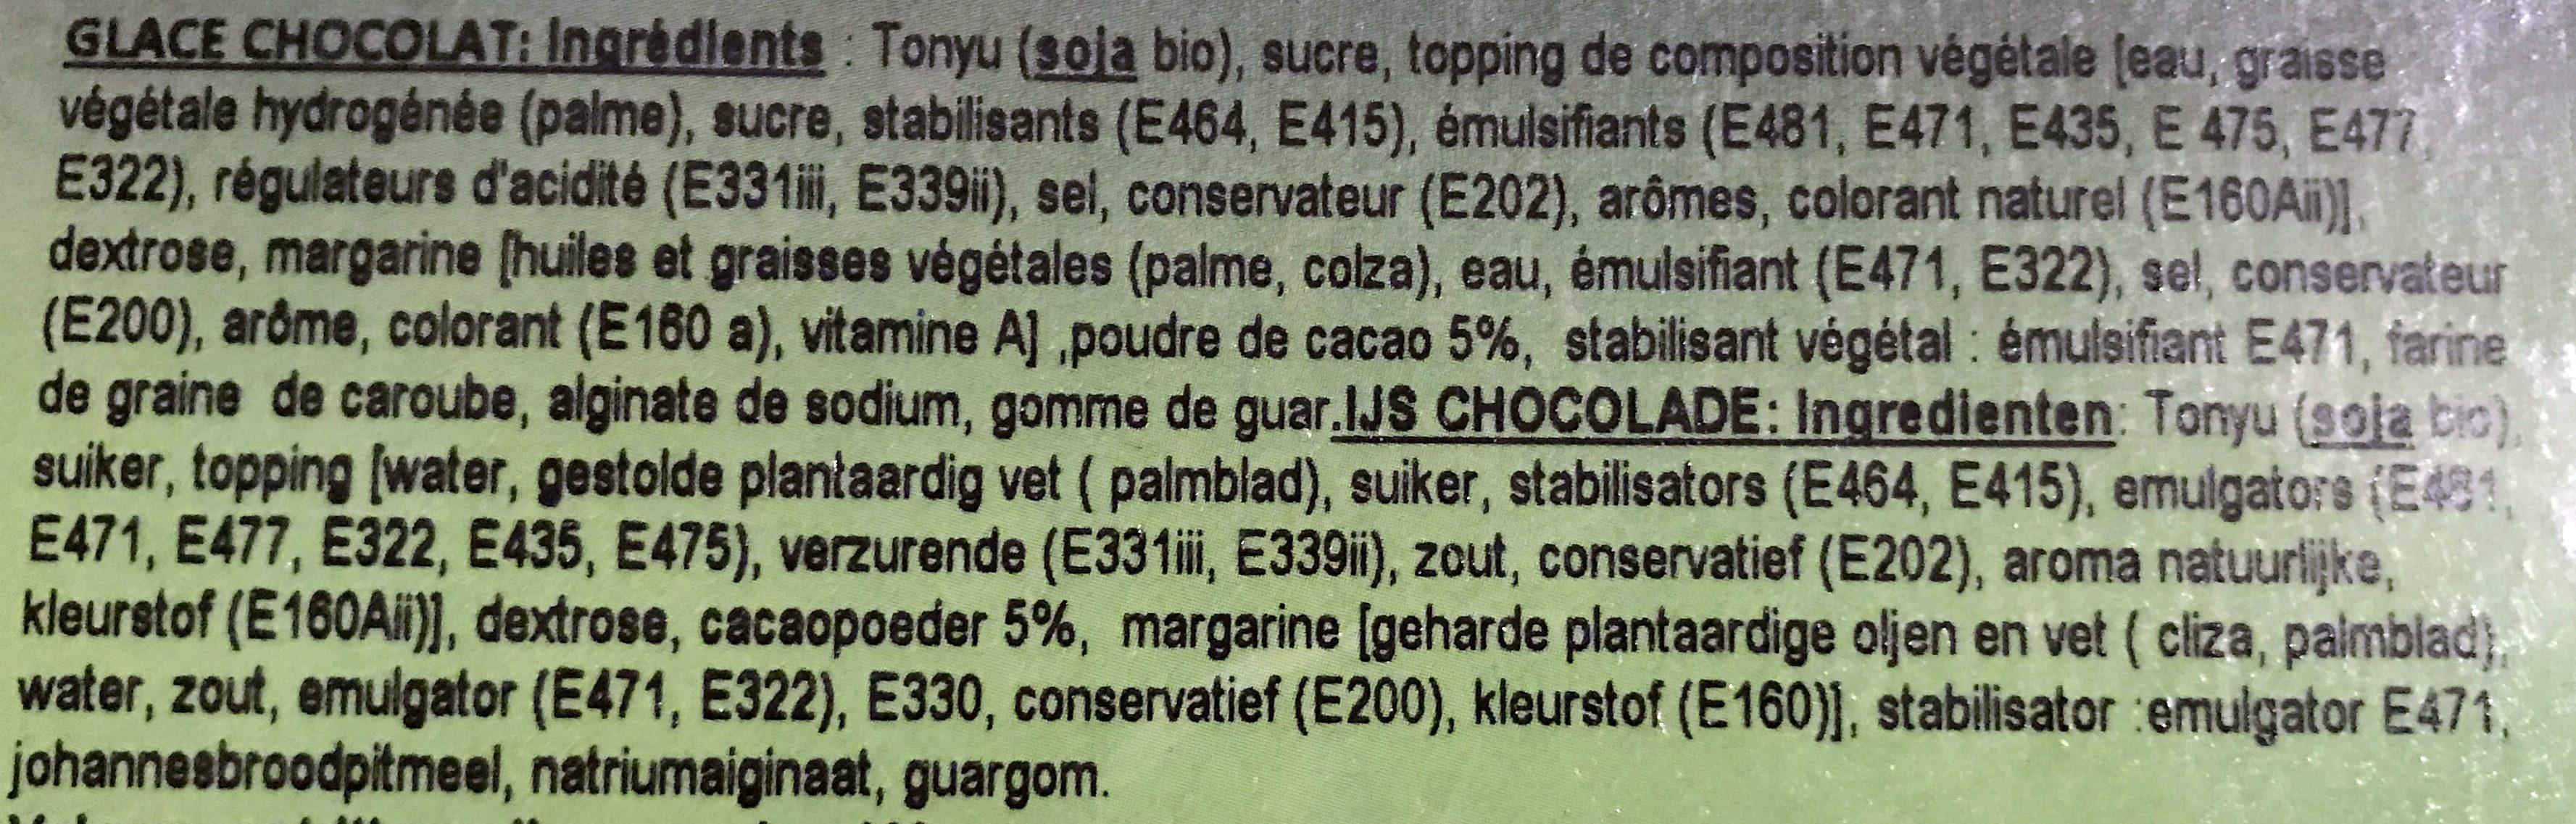 Glaces Chocolat - Ingrédients - fr